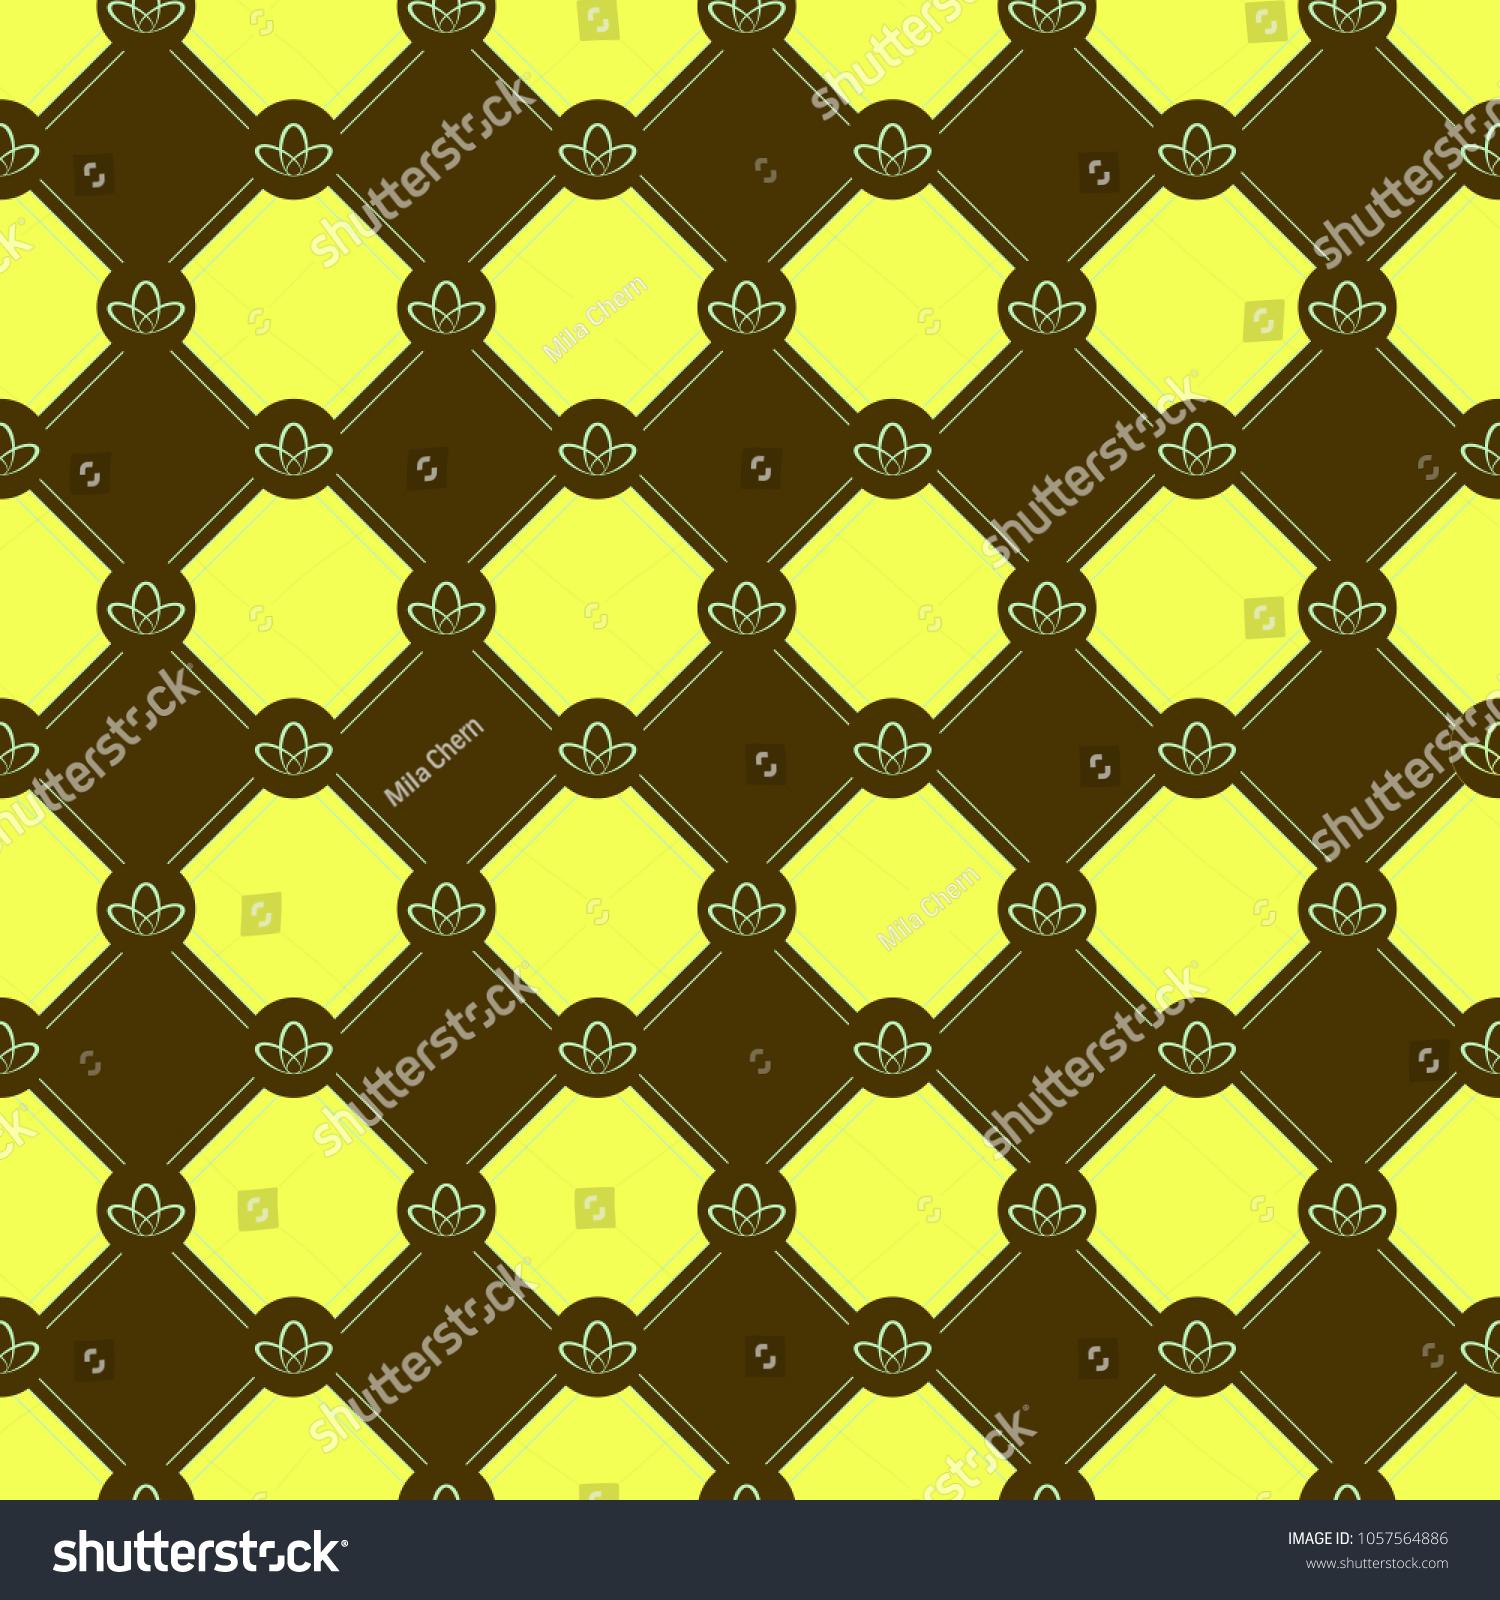 seamless mattress texture. Seamless Chess Background Mattress Texture Stitch Stock Vector 1057564886 - Shutterstock